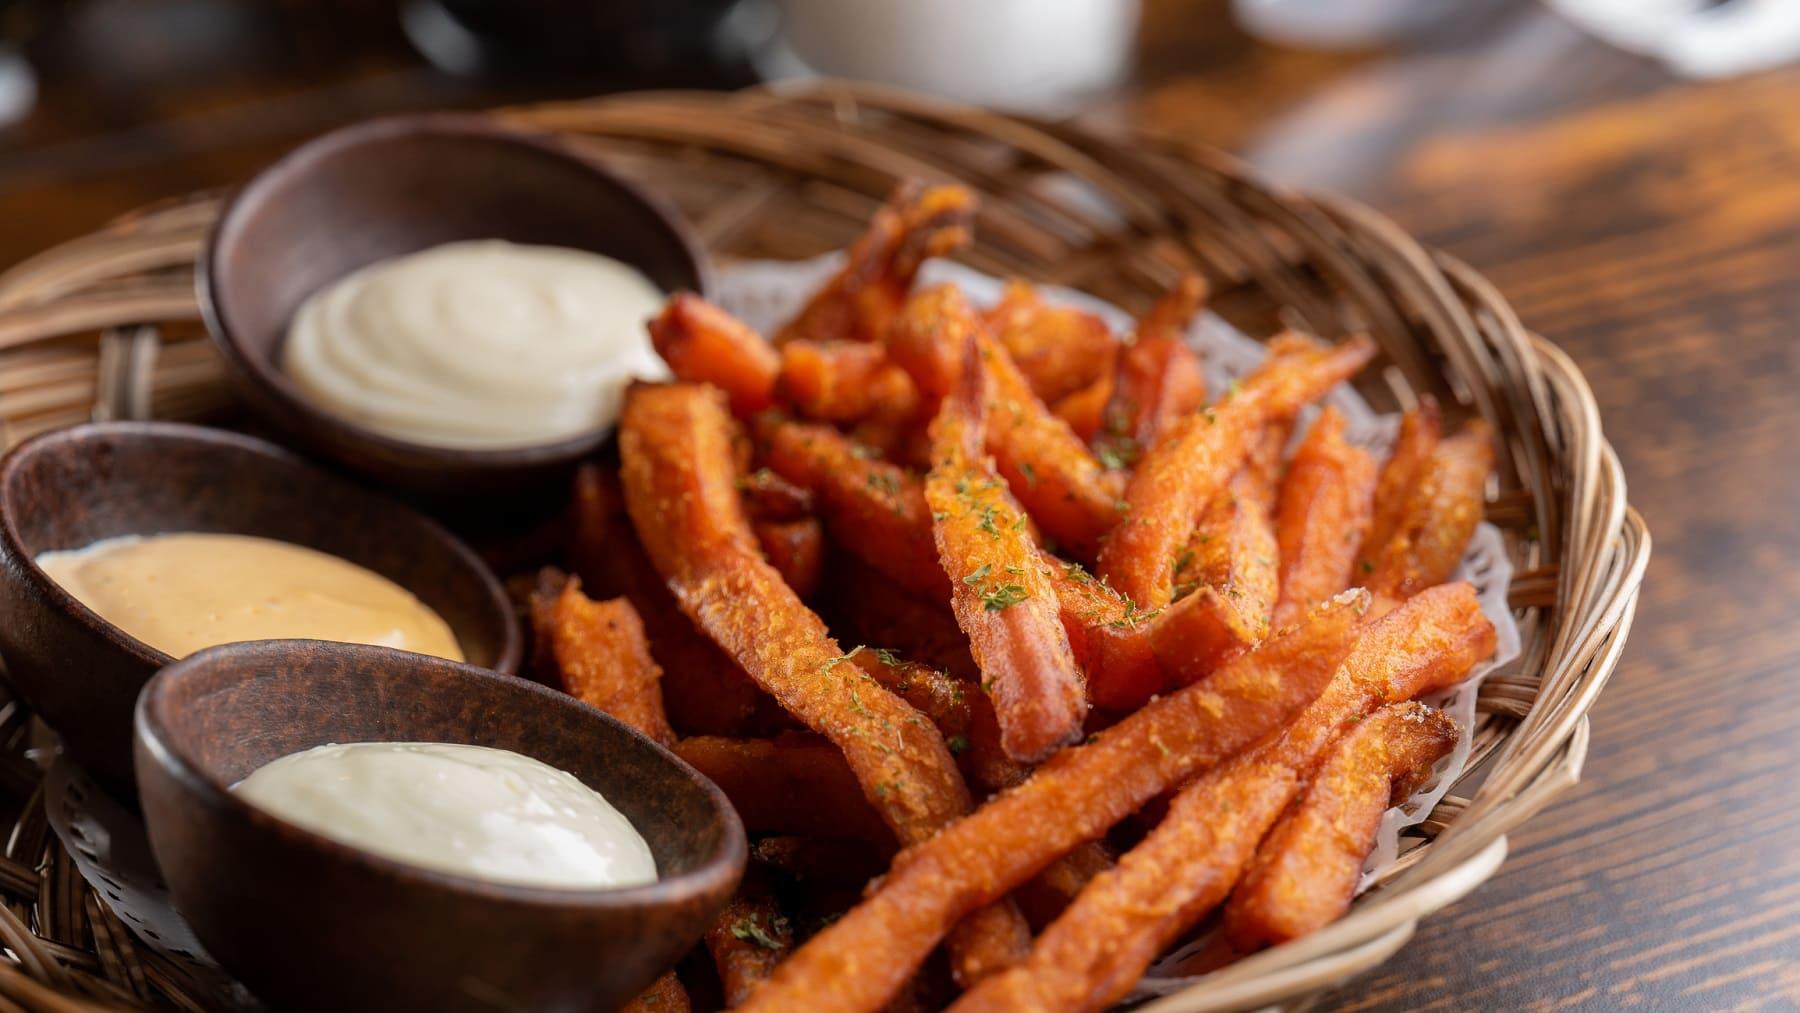 Eine Portion Süßkartoffel-Pommes liegt in einem kleinen Körbchen. Neben den Pommes stehen drei braune Schalen mit verschiedenen Dips. Das Körbchen steht auf einem braunen Holztisch.